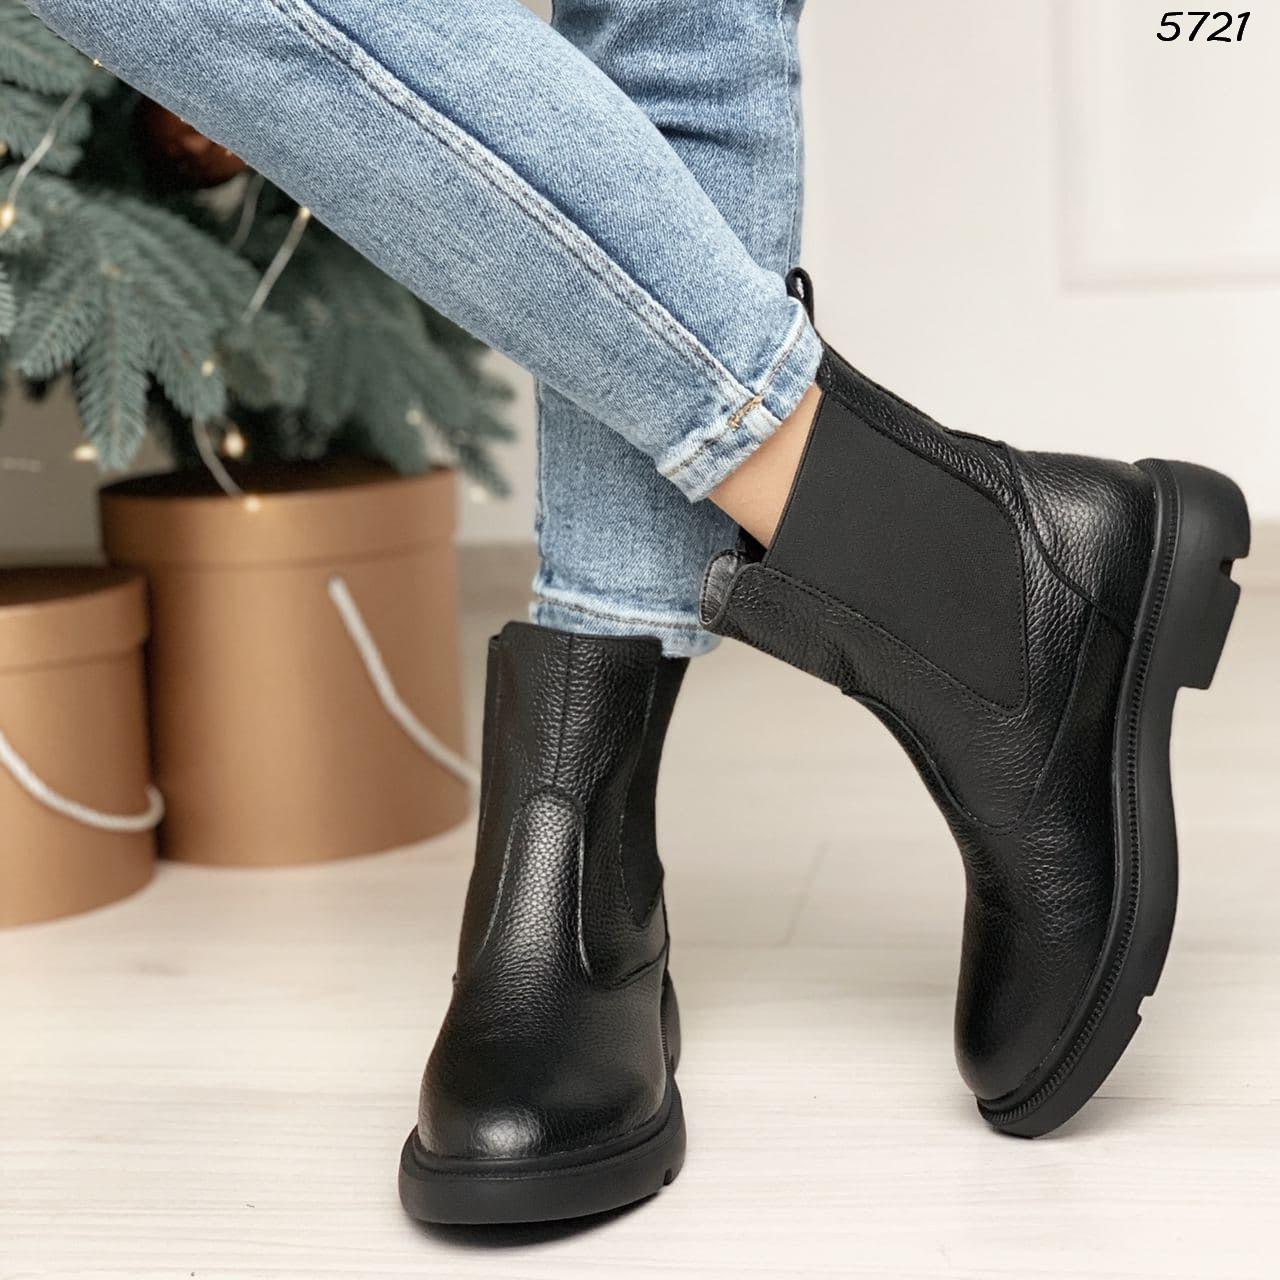 Ботинки женские зимние 5721